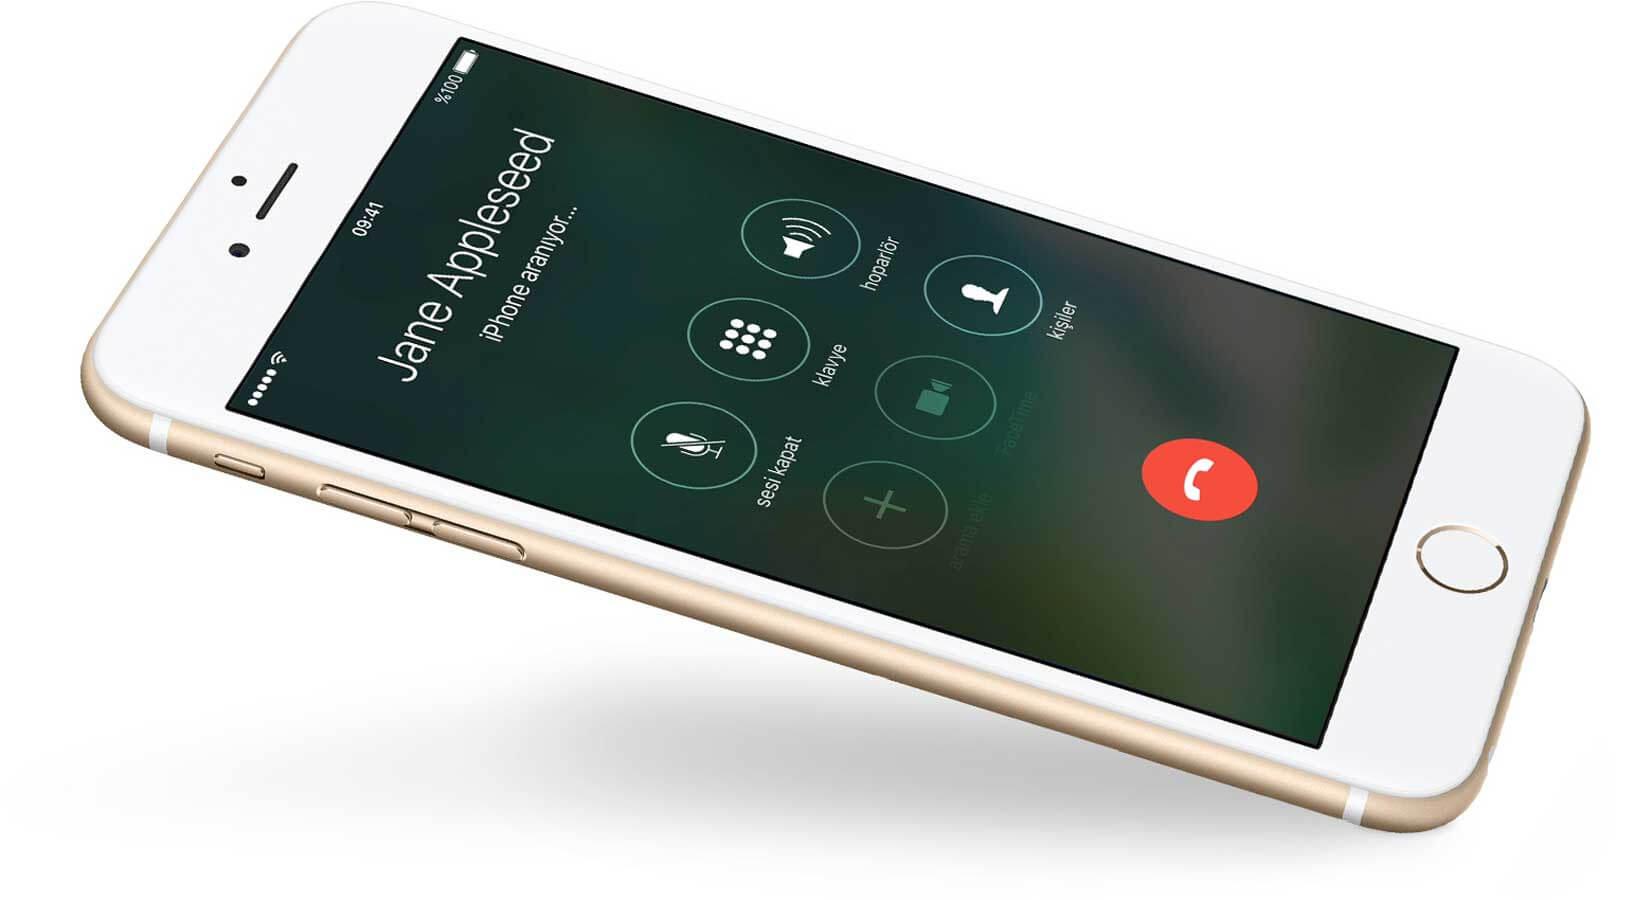 iPhone arama yapmıyor Arama Yapmıyor iPhone Arama Yapmıyor Problemi Çözüldü iphone arama yapmiyor